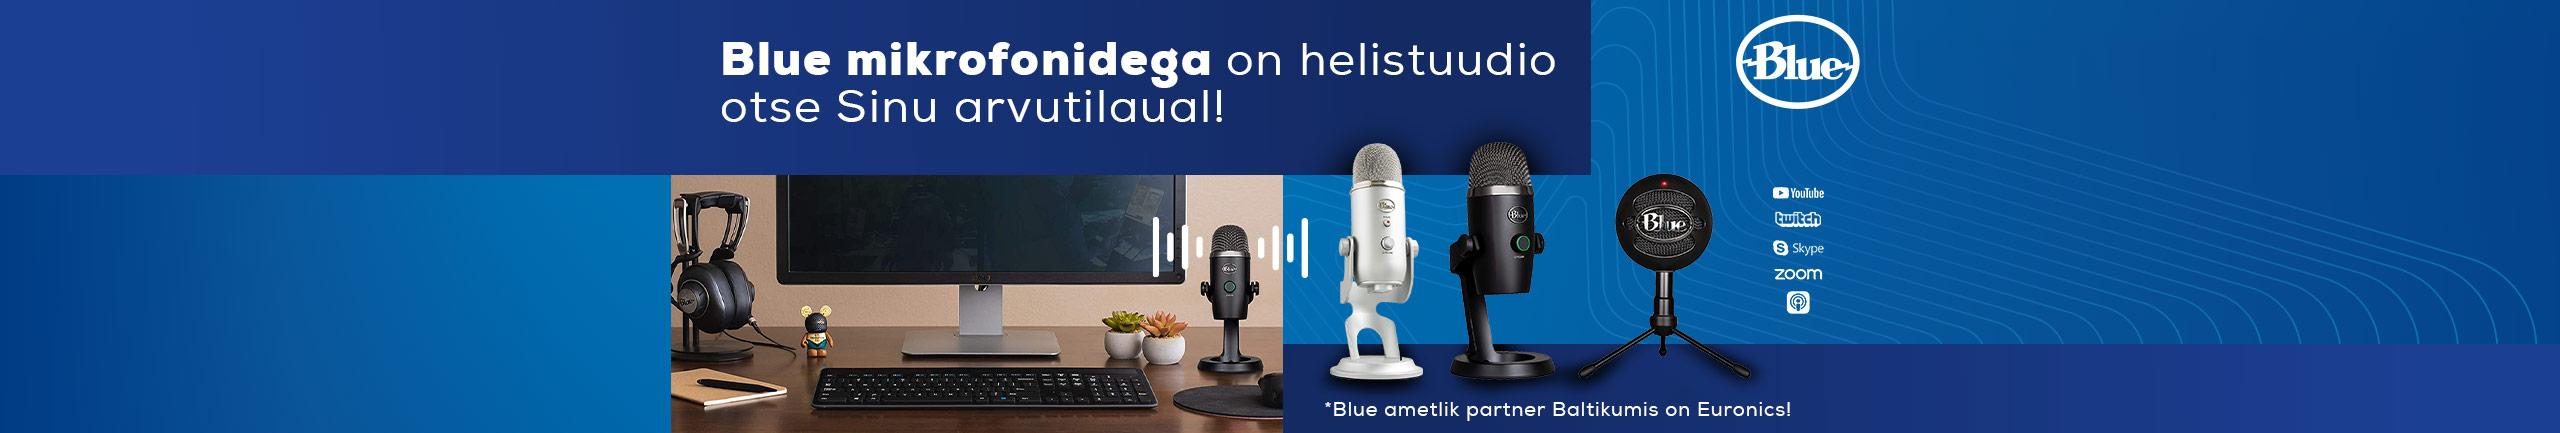 Blue mikrofonidega on helistuudio otse Sinu arvutilaual!